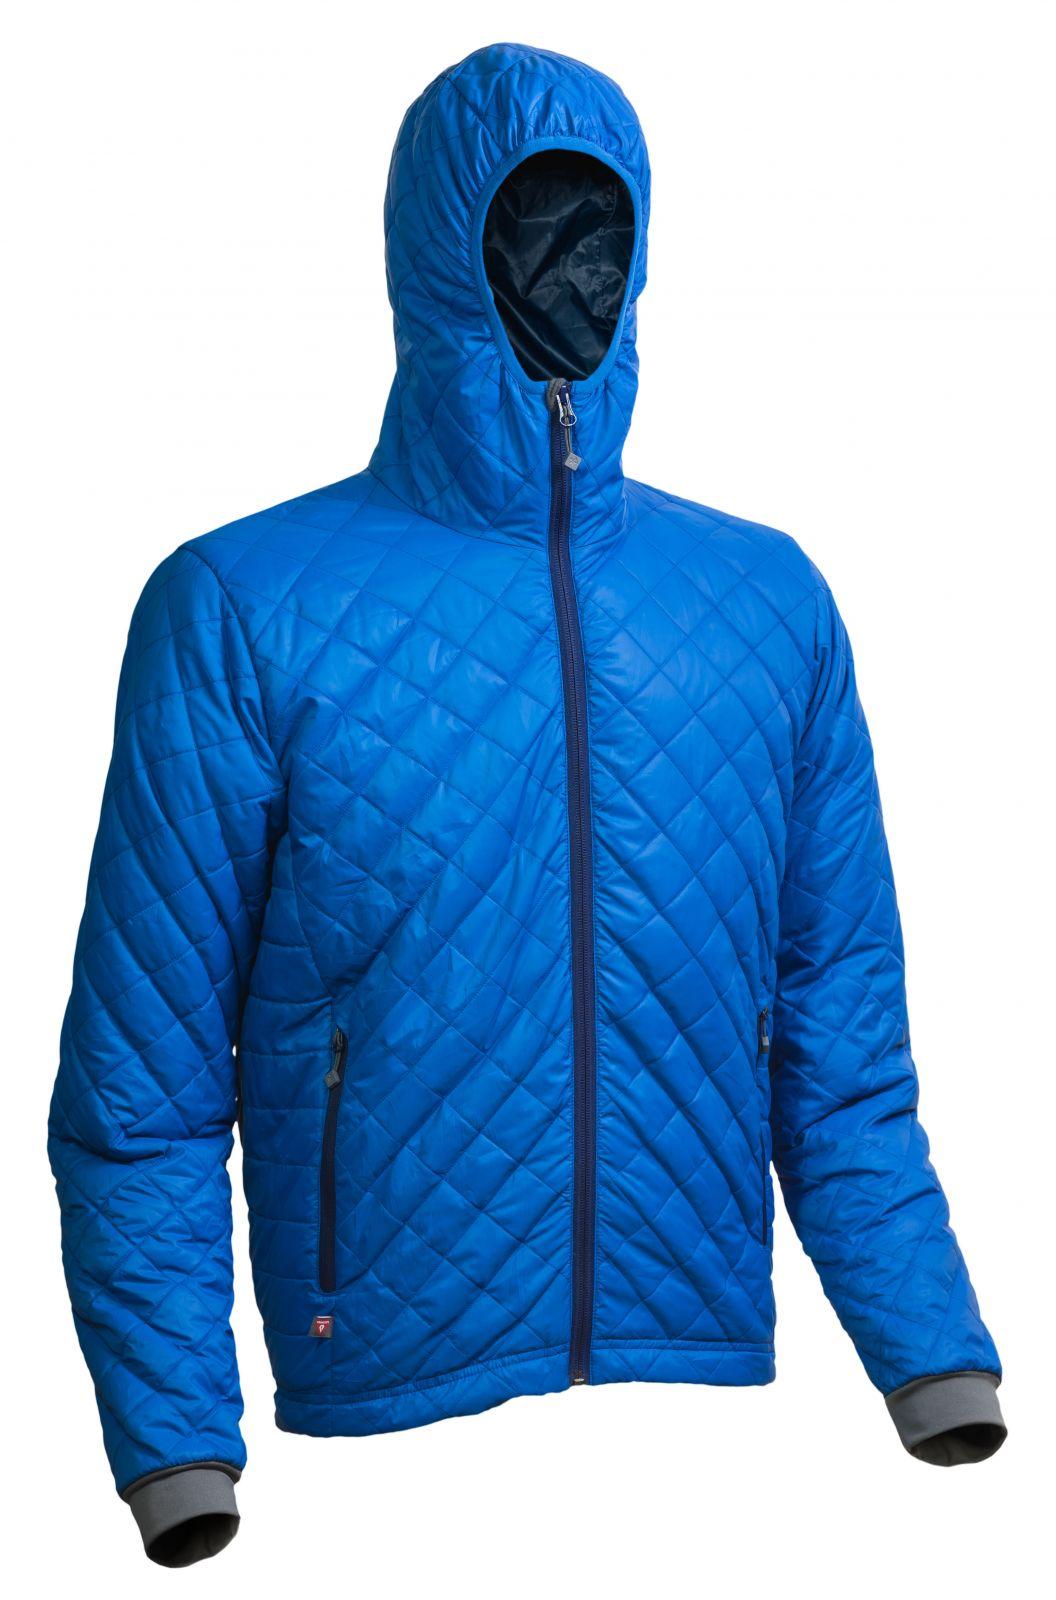 Warmpeace Spirit royal blue / navy pánská bunda zateplená PrimaLoftem